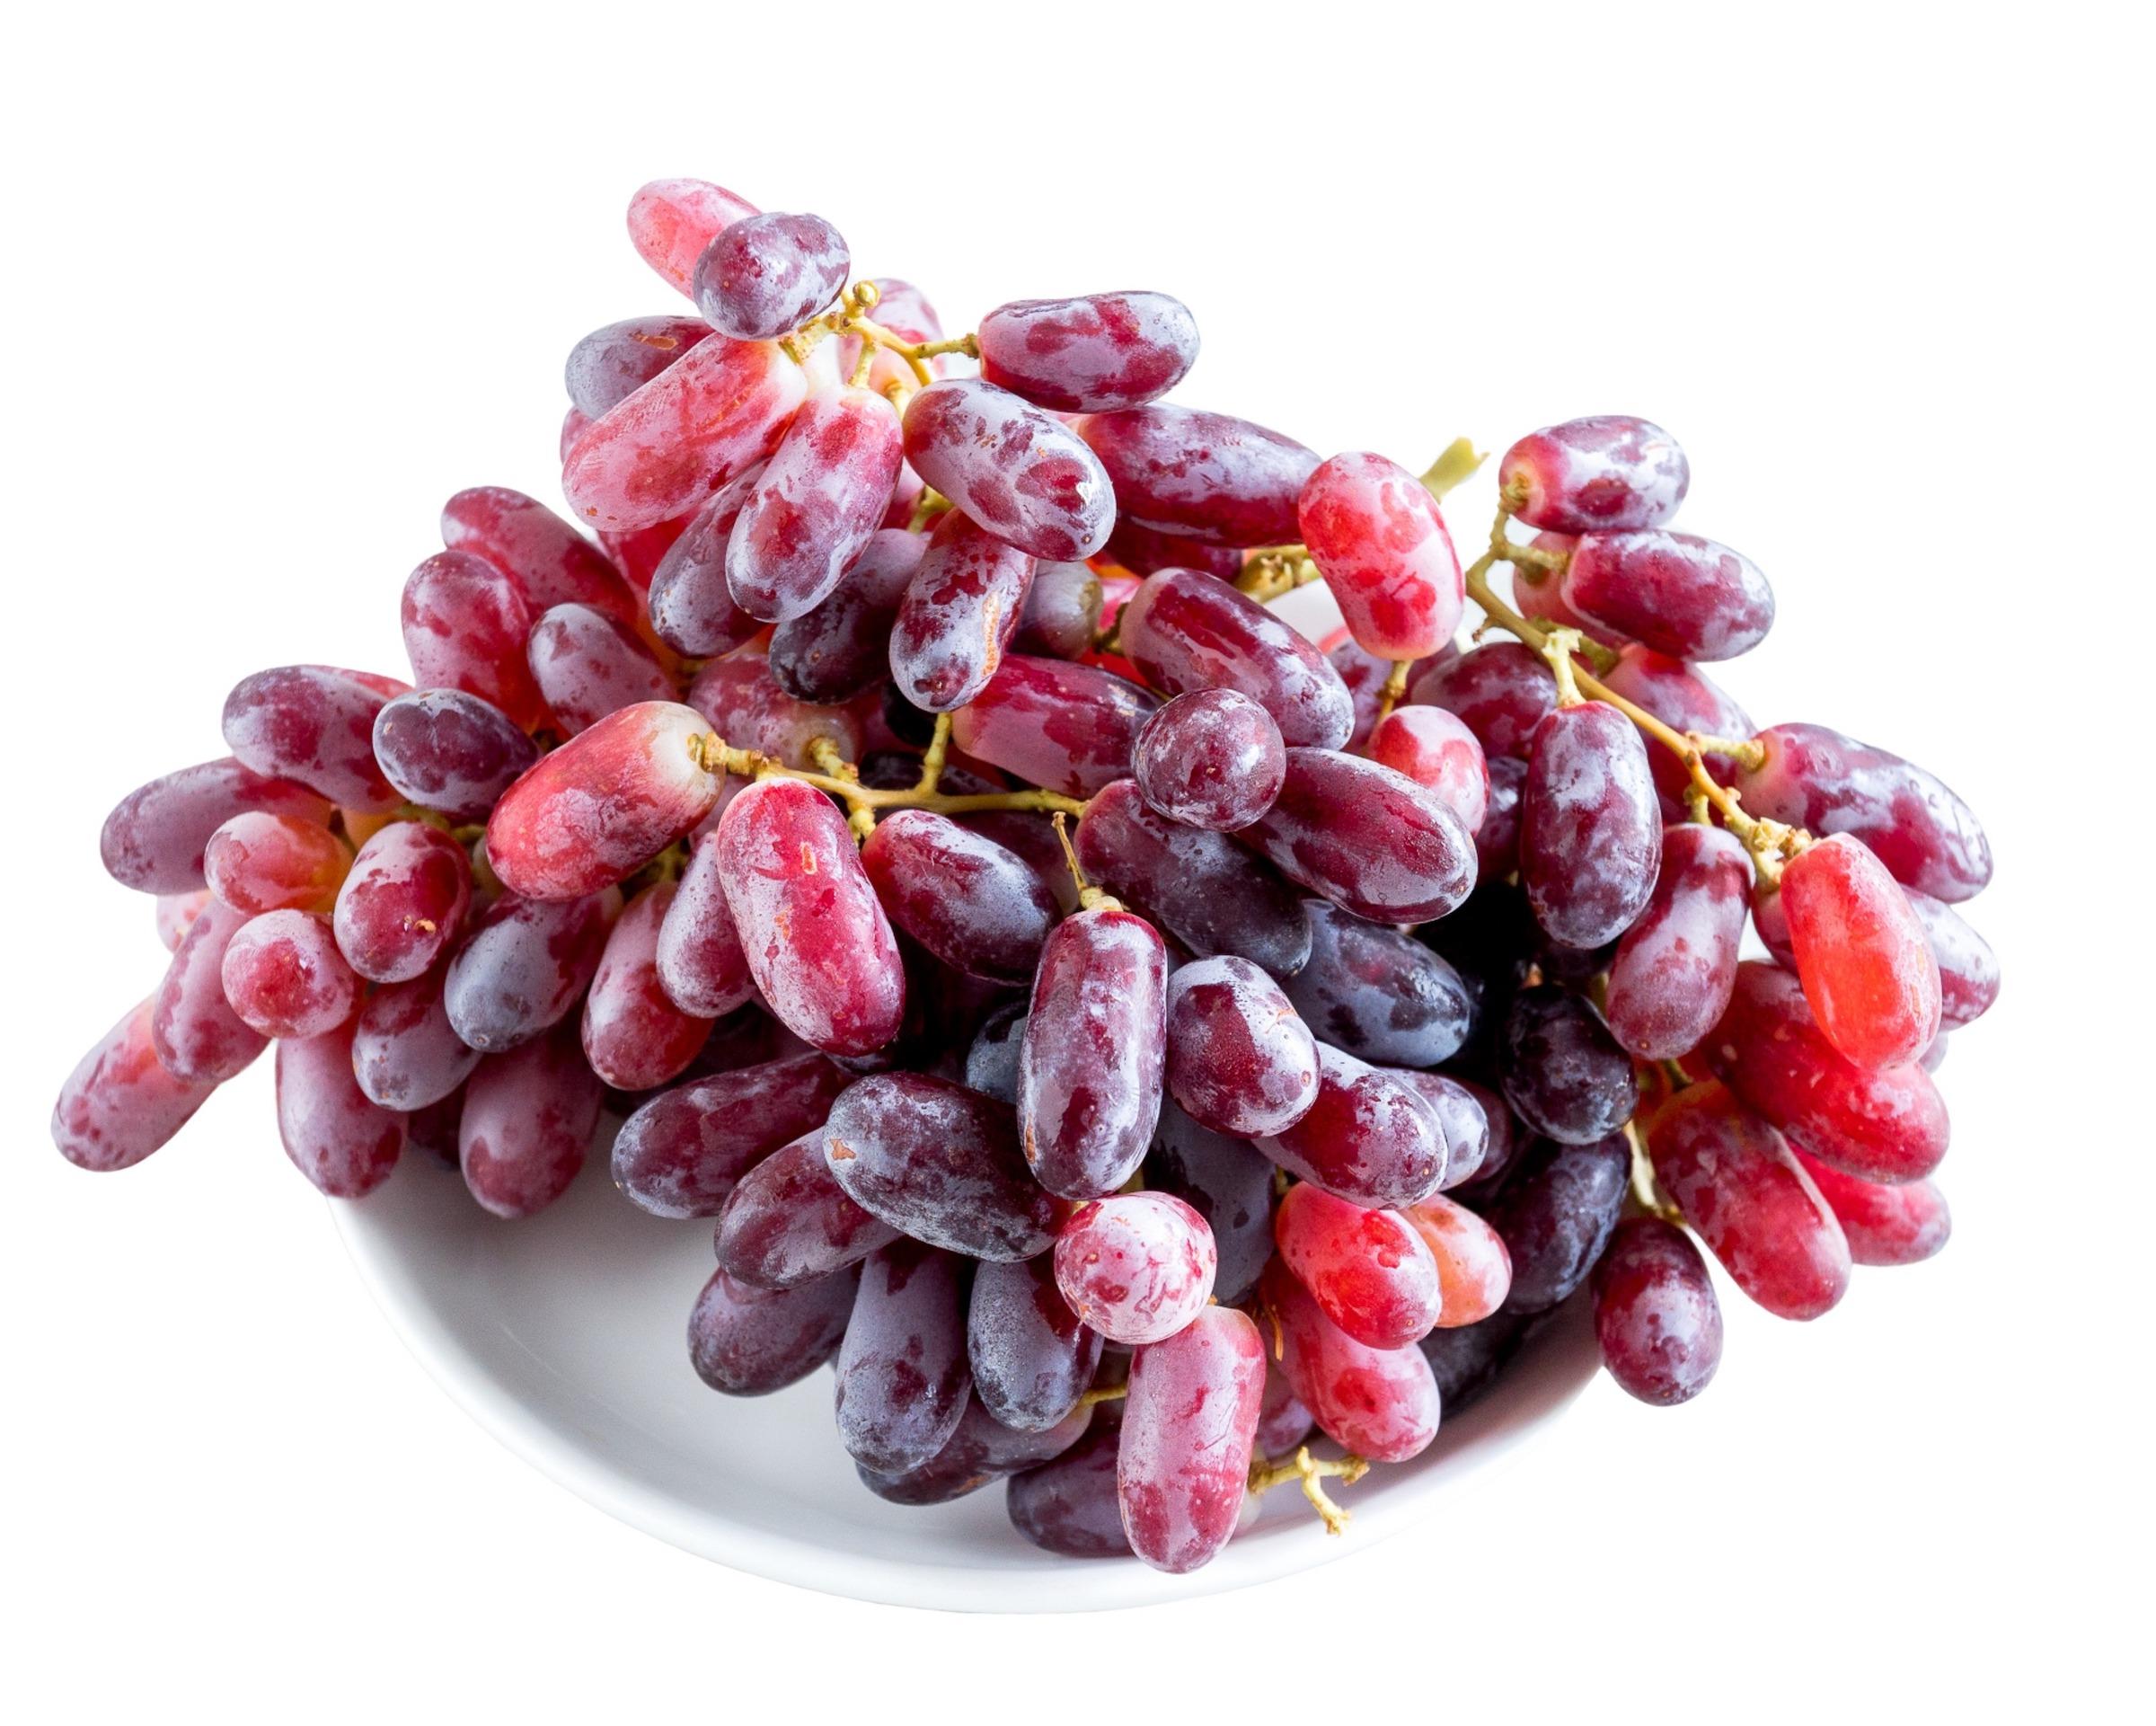 Giống nho đỏ không hạt Long Crimson Australia của Farmers Market hiện có gia ưu đãi sâu chỉ 87.500 đồng cho 500 gram (giá gốc đến 134.500 đồng) nhân Lễ hội mua sắm 6.6 Ở nhà săn hàng sale. Đặt mua ngay tại đây với dịch vụ giao nhanh đảm bảo chất lượng trái cây của Lazada.